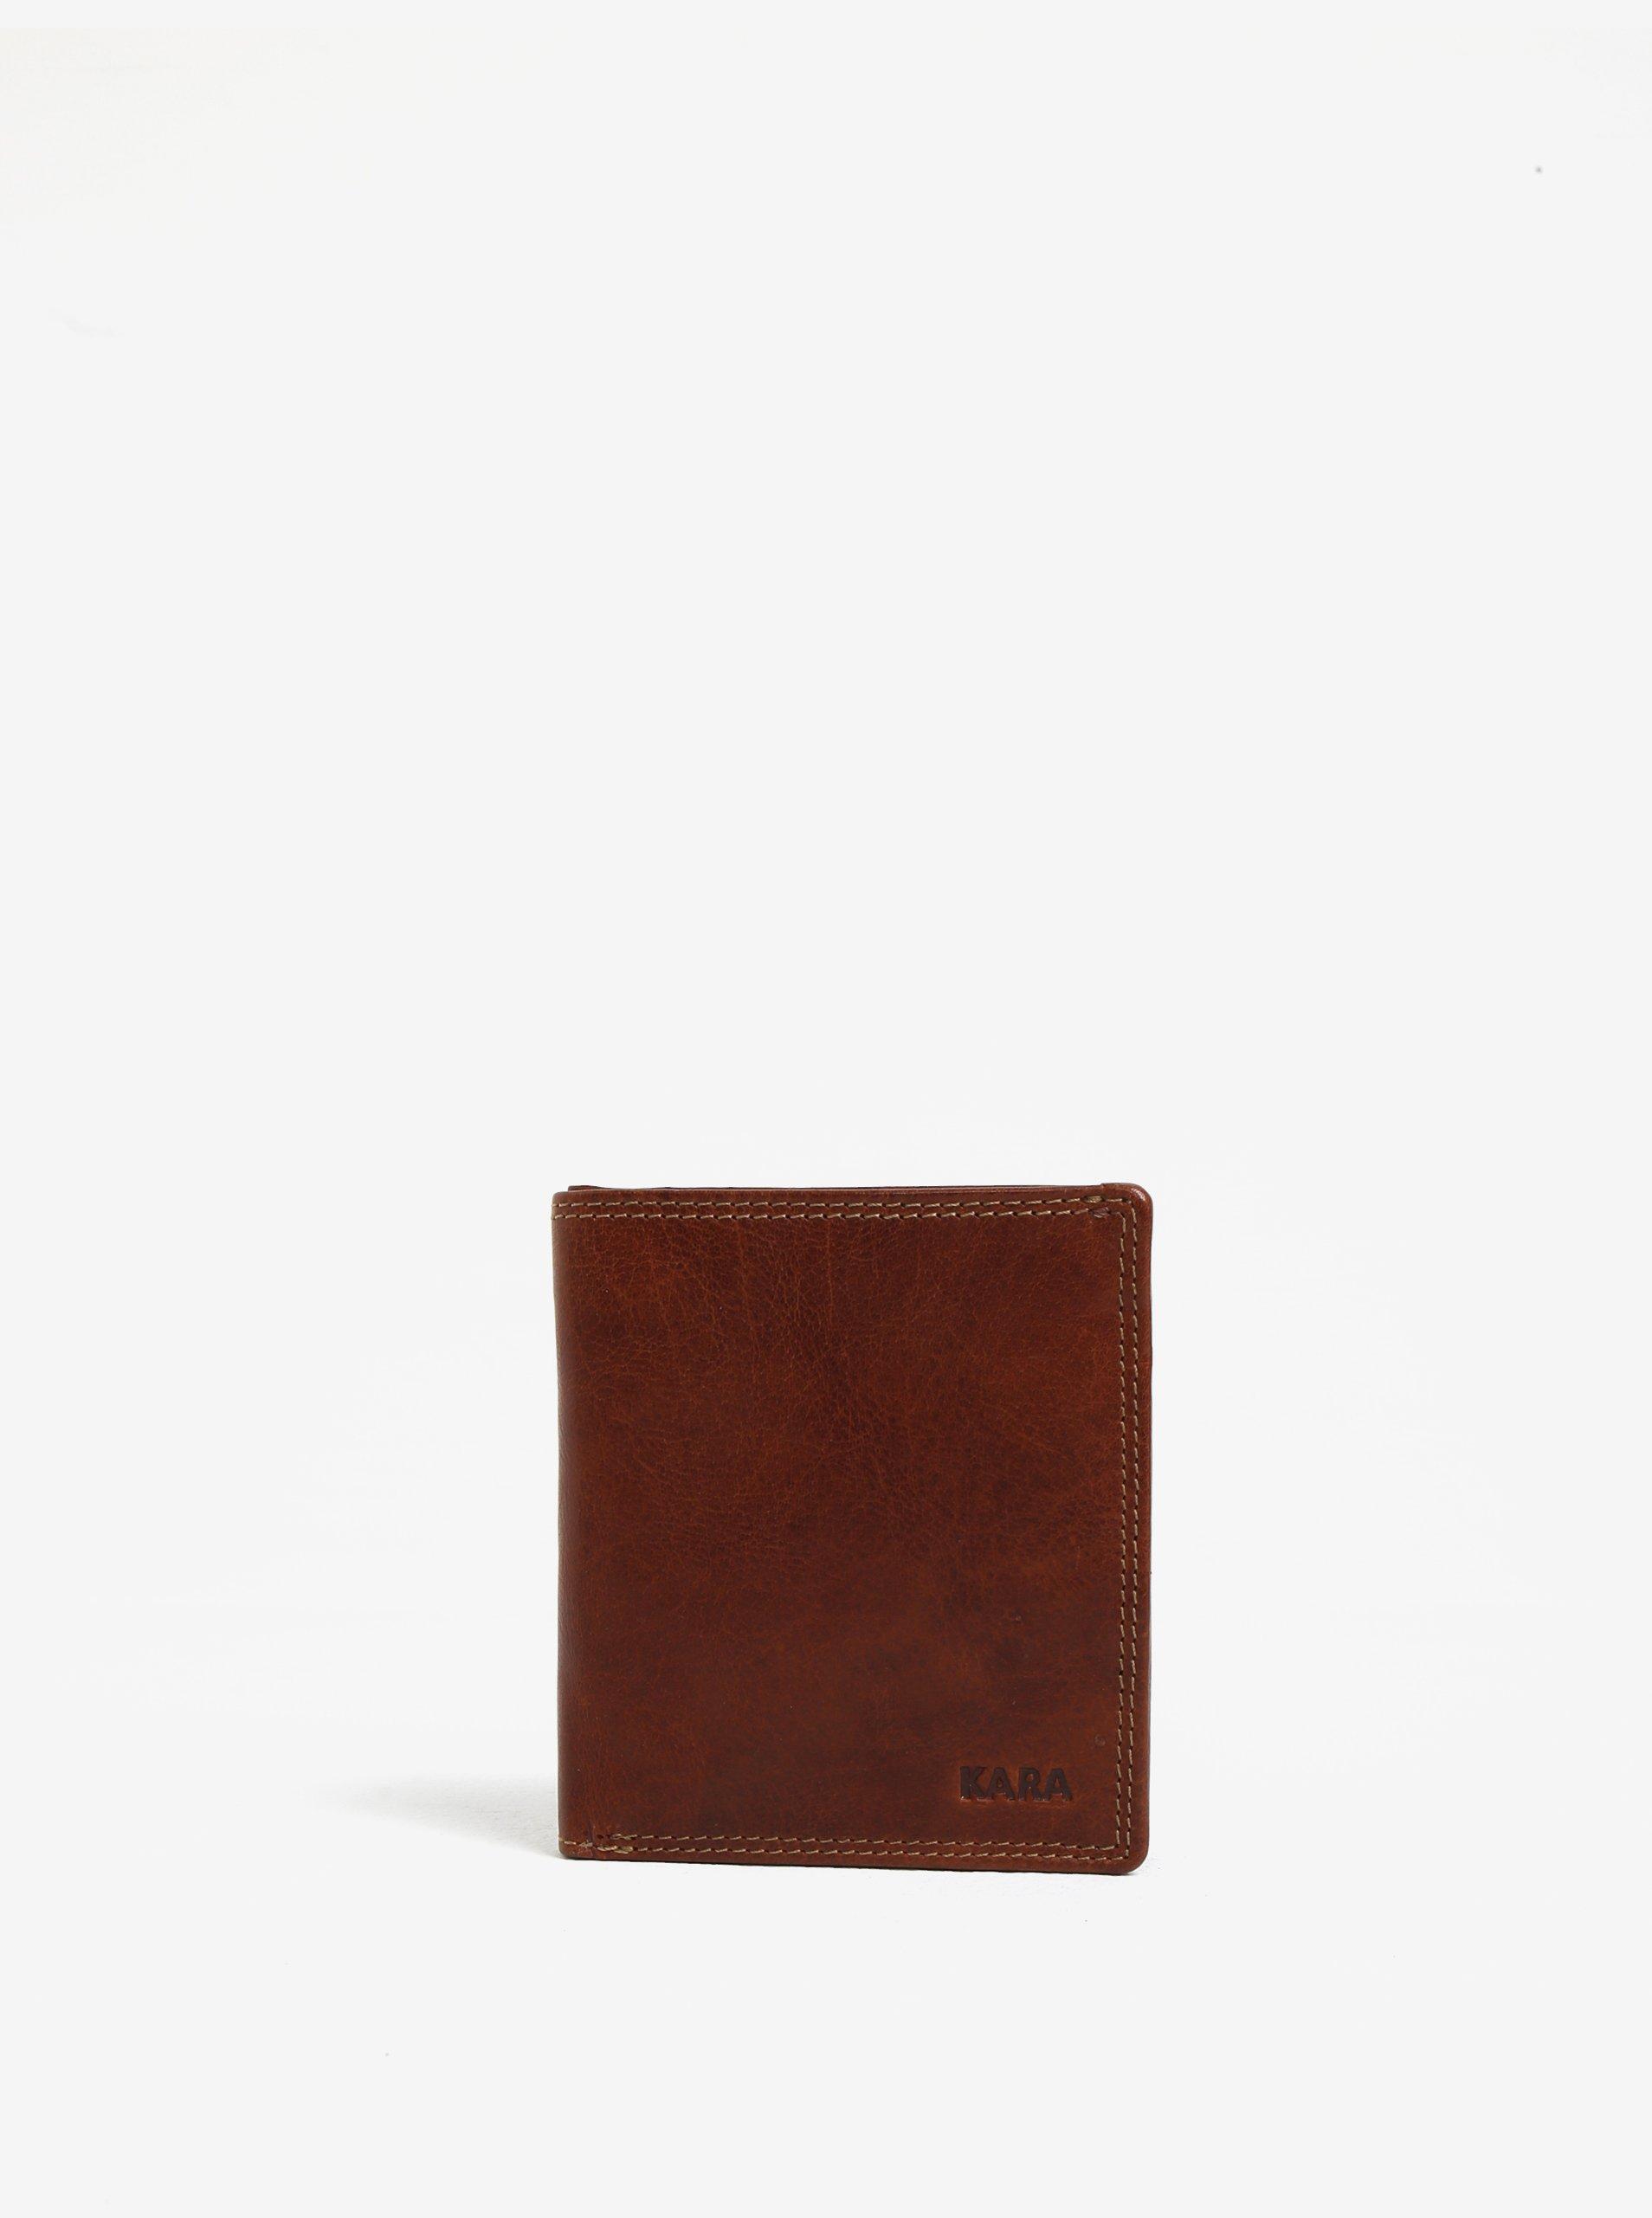 Fotografie Hnědá pánská kožená peněženka KARA